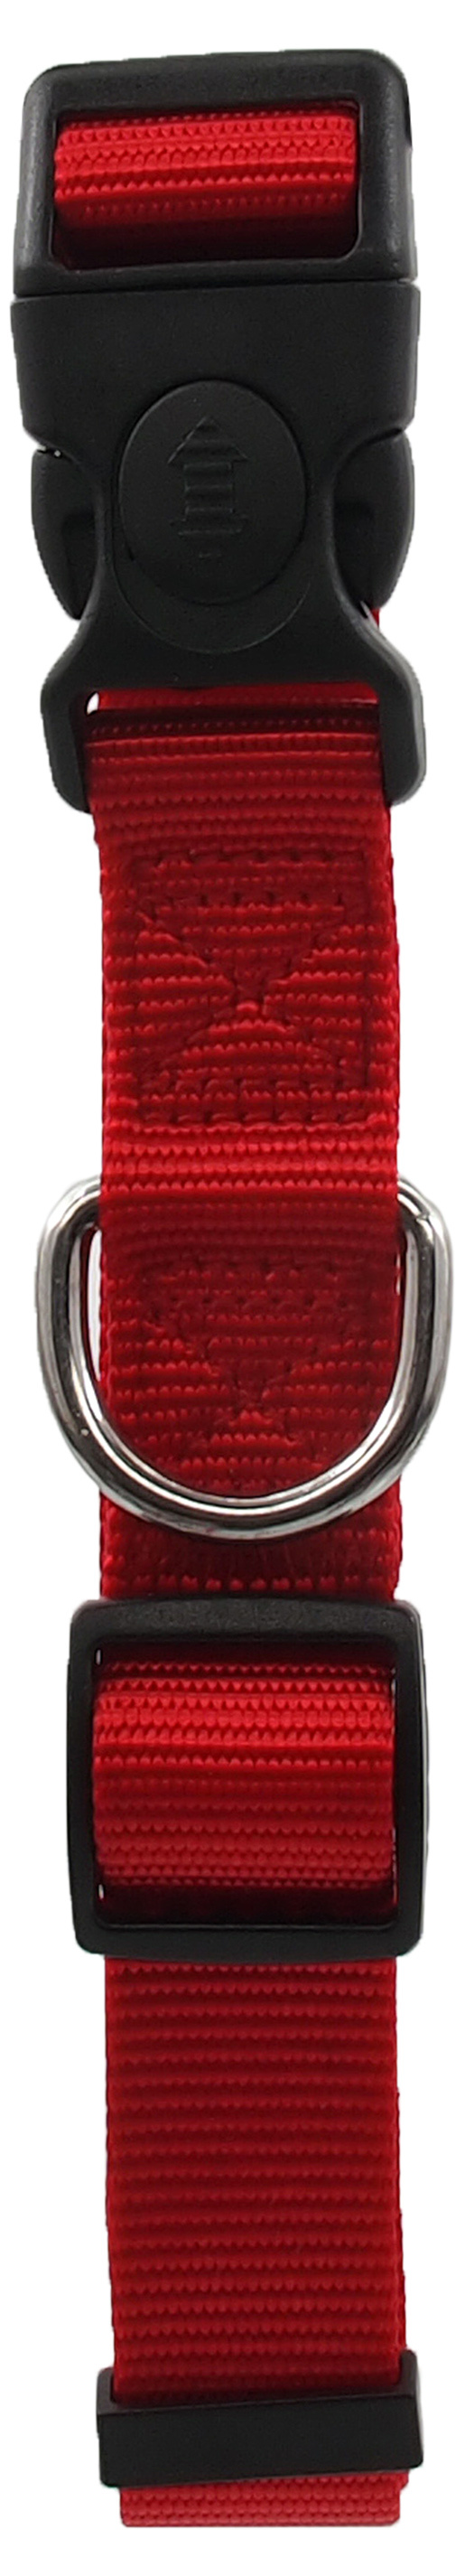 Ошейник - Dog Fantasy L, цвет - красный